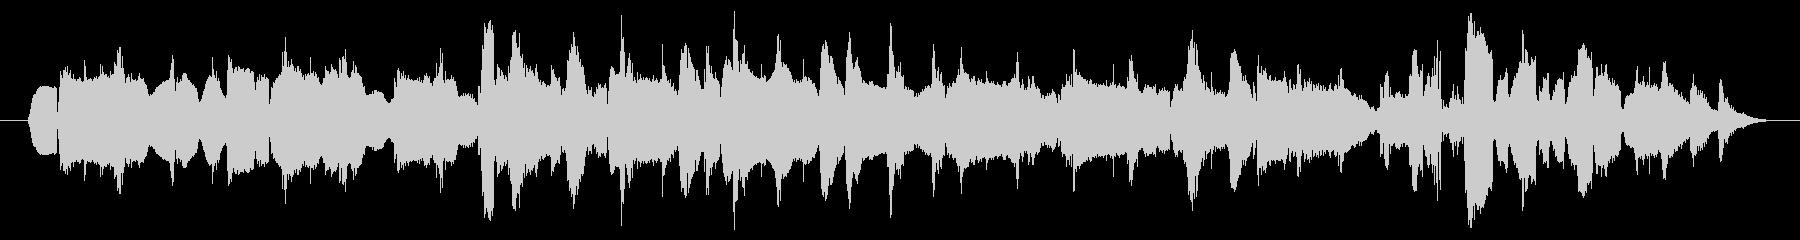 ショパンのノクターン~ボサ風ハーモニカ~の未再生の波形